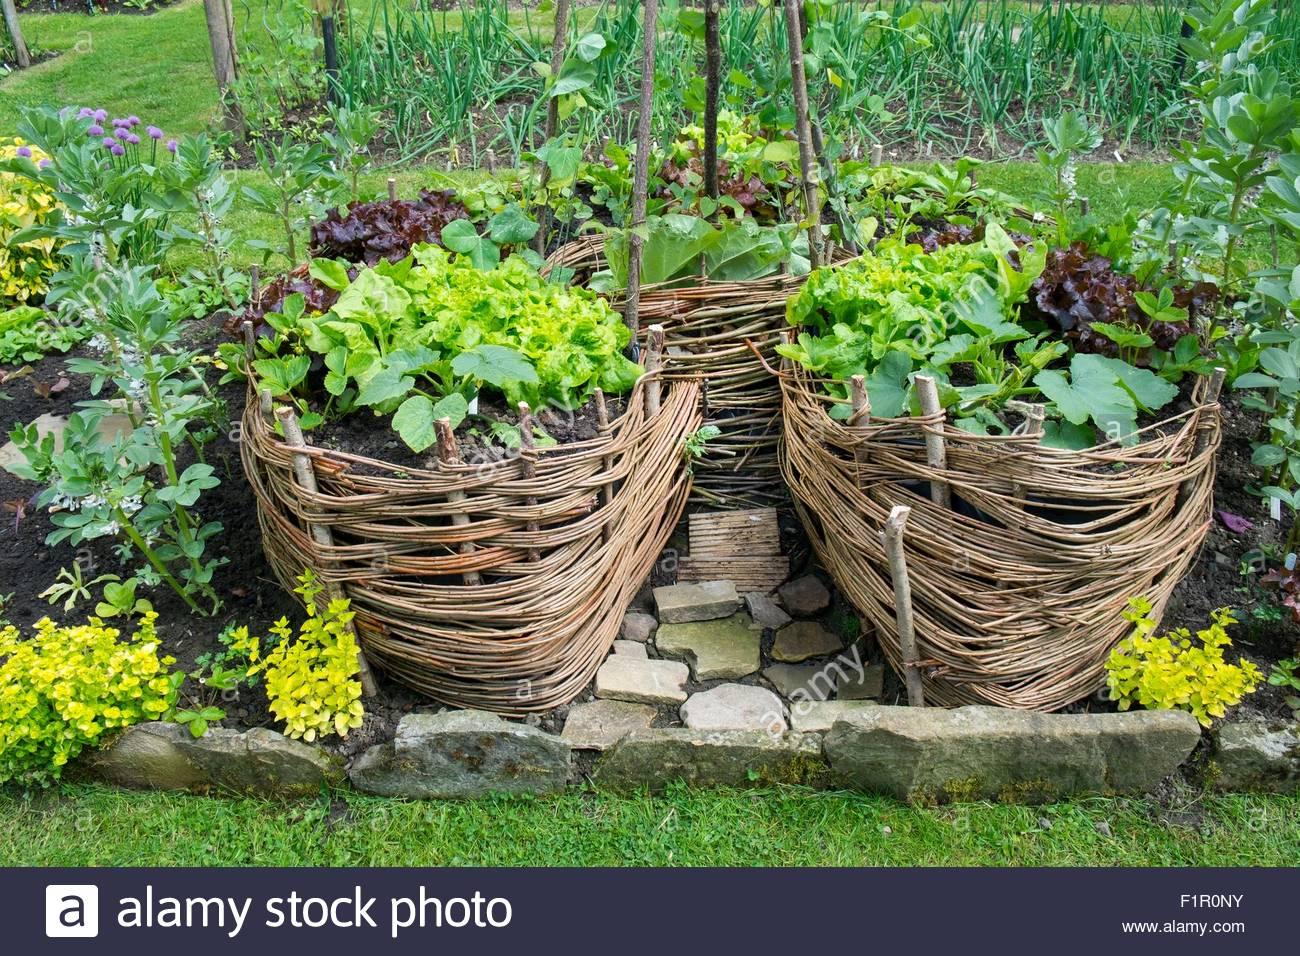 schl sselloch garten gebaut aus peddigrohr mit salat pflanzen wie rote beete zucchini und. Black Bedroom Furniture Sets. Home Design Ideas